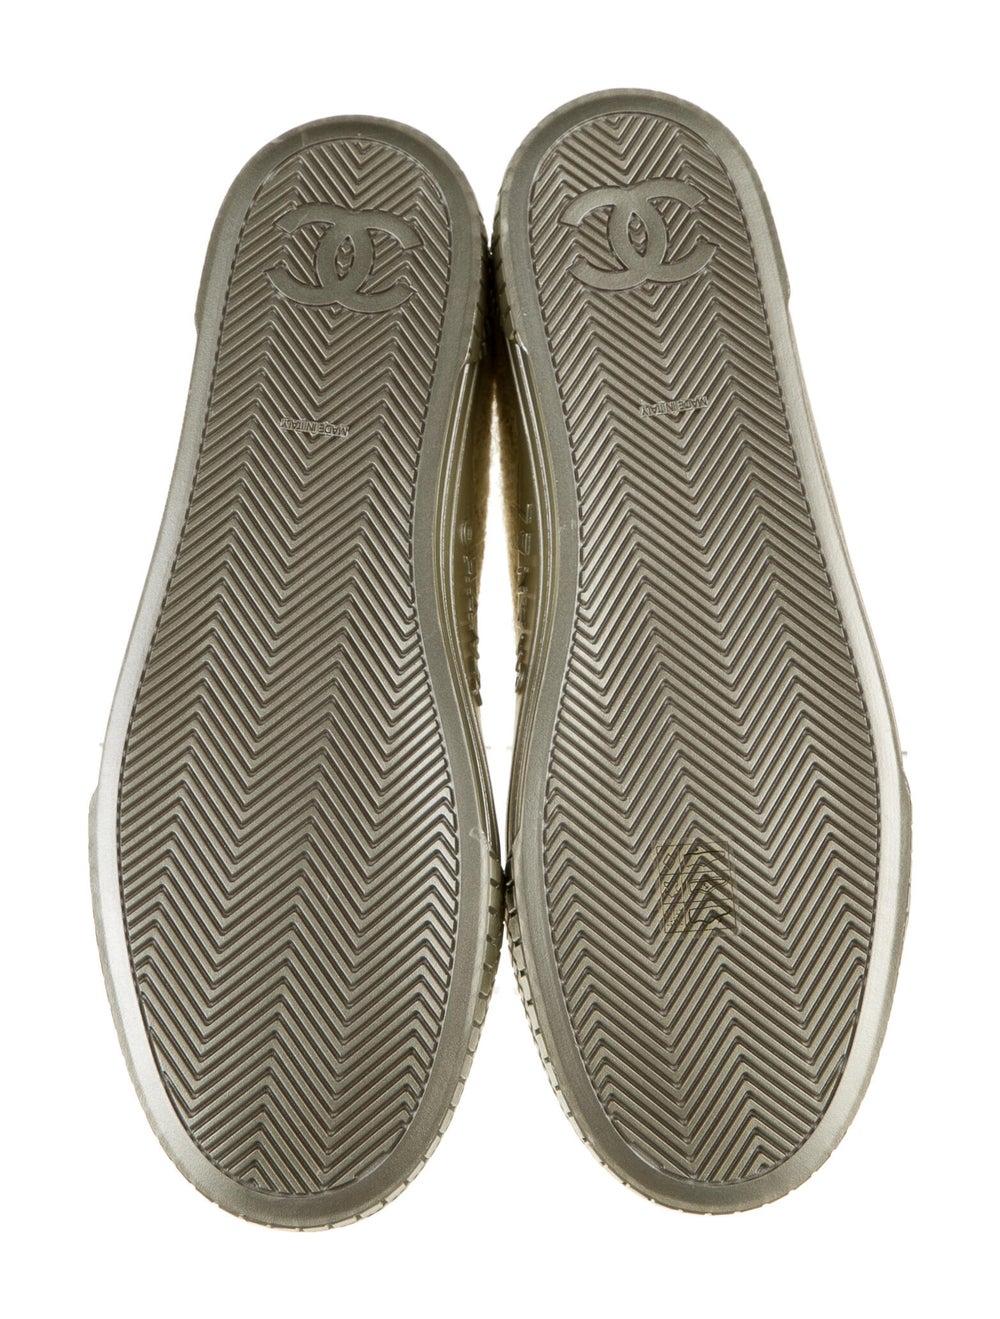 Chanel Tweed Sneakers Sneakers - image 4